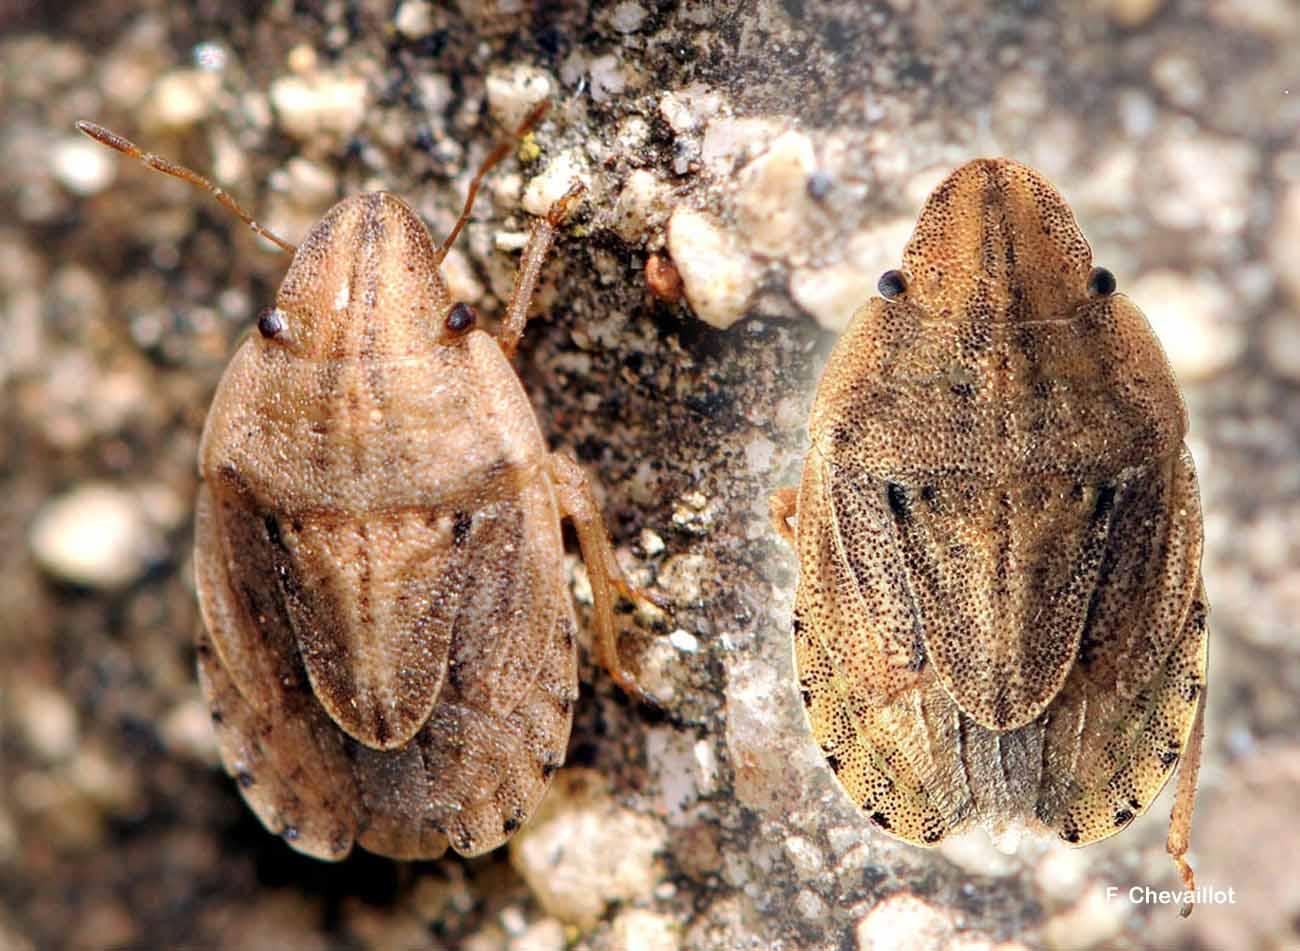 Sciocoris sulcatus